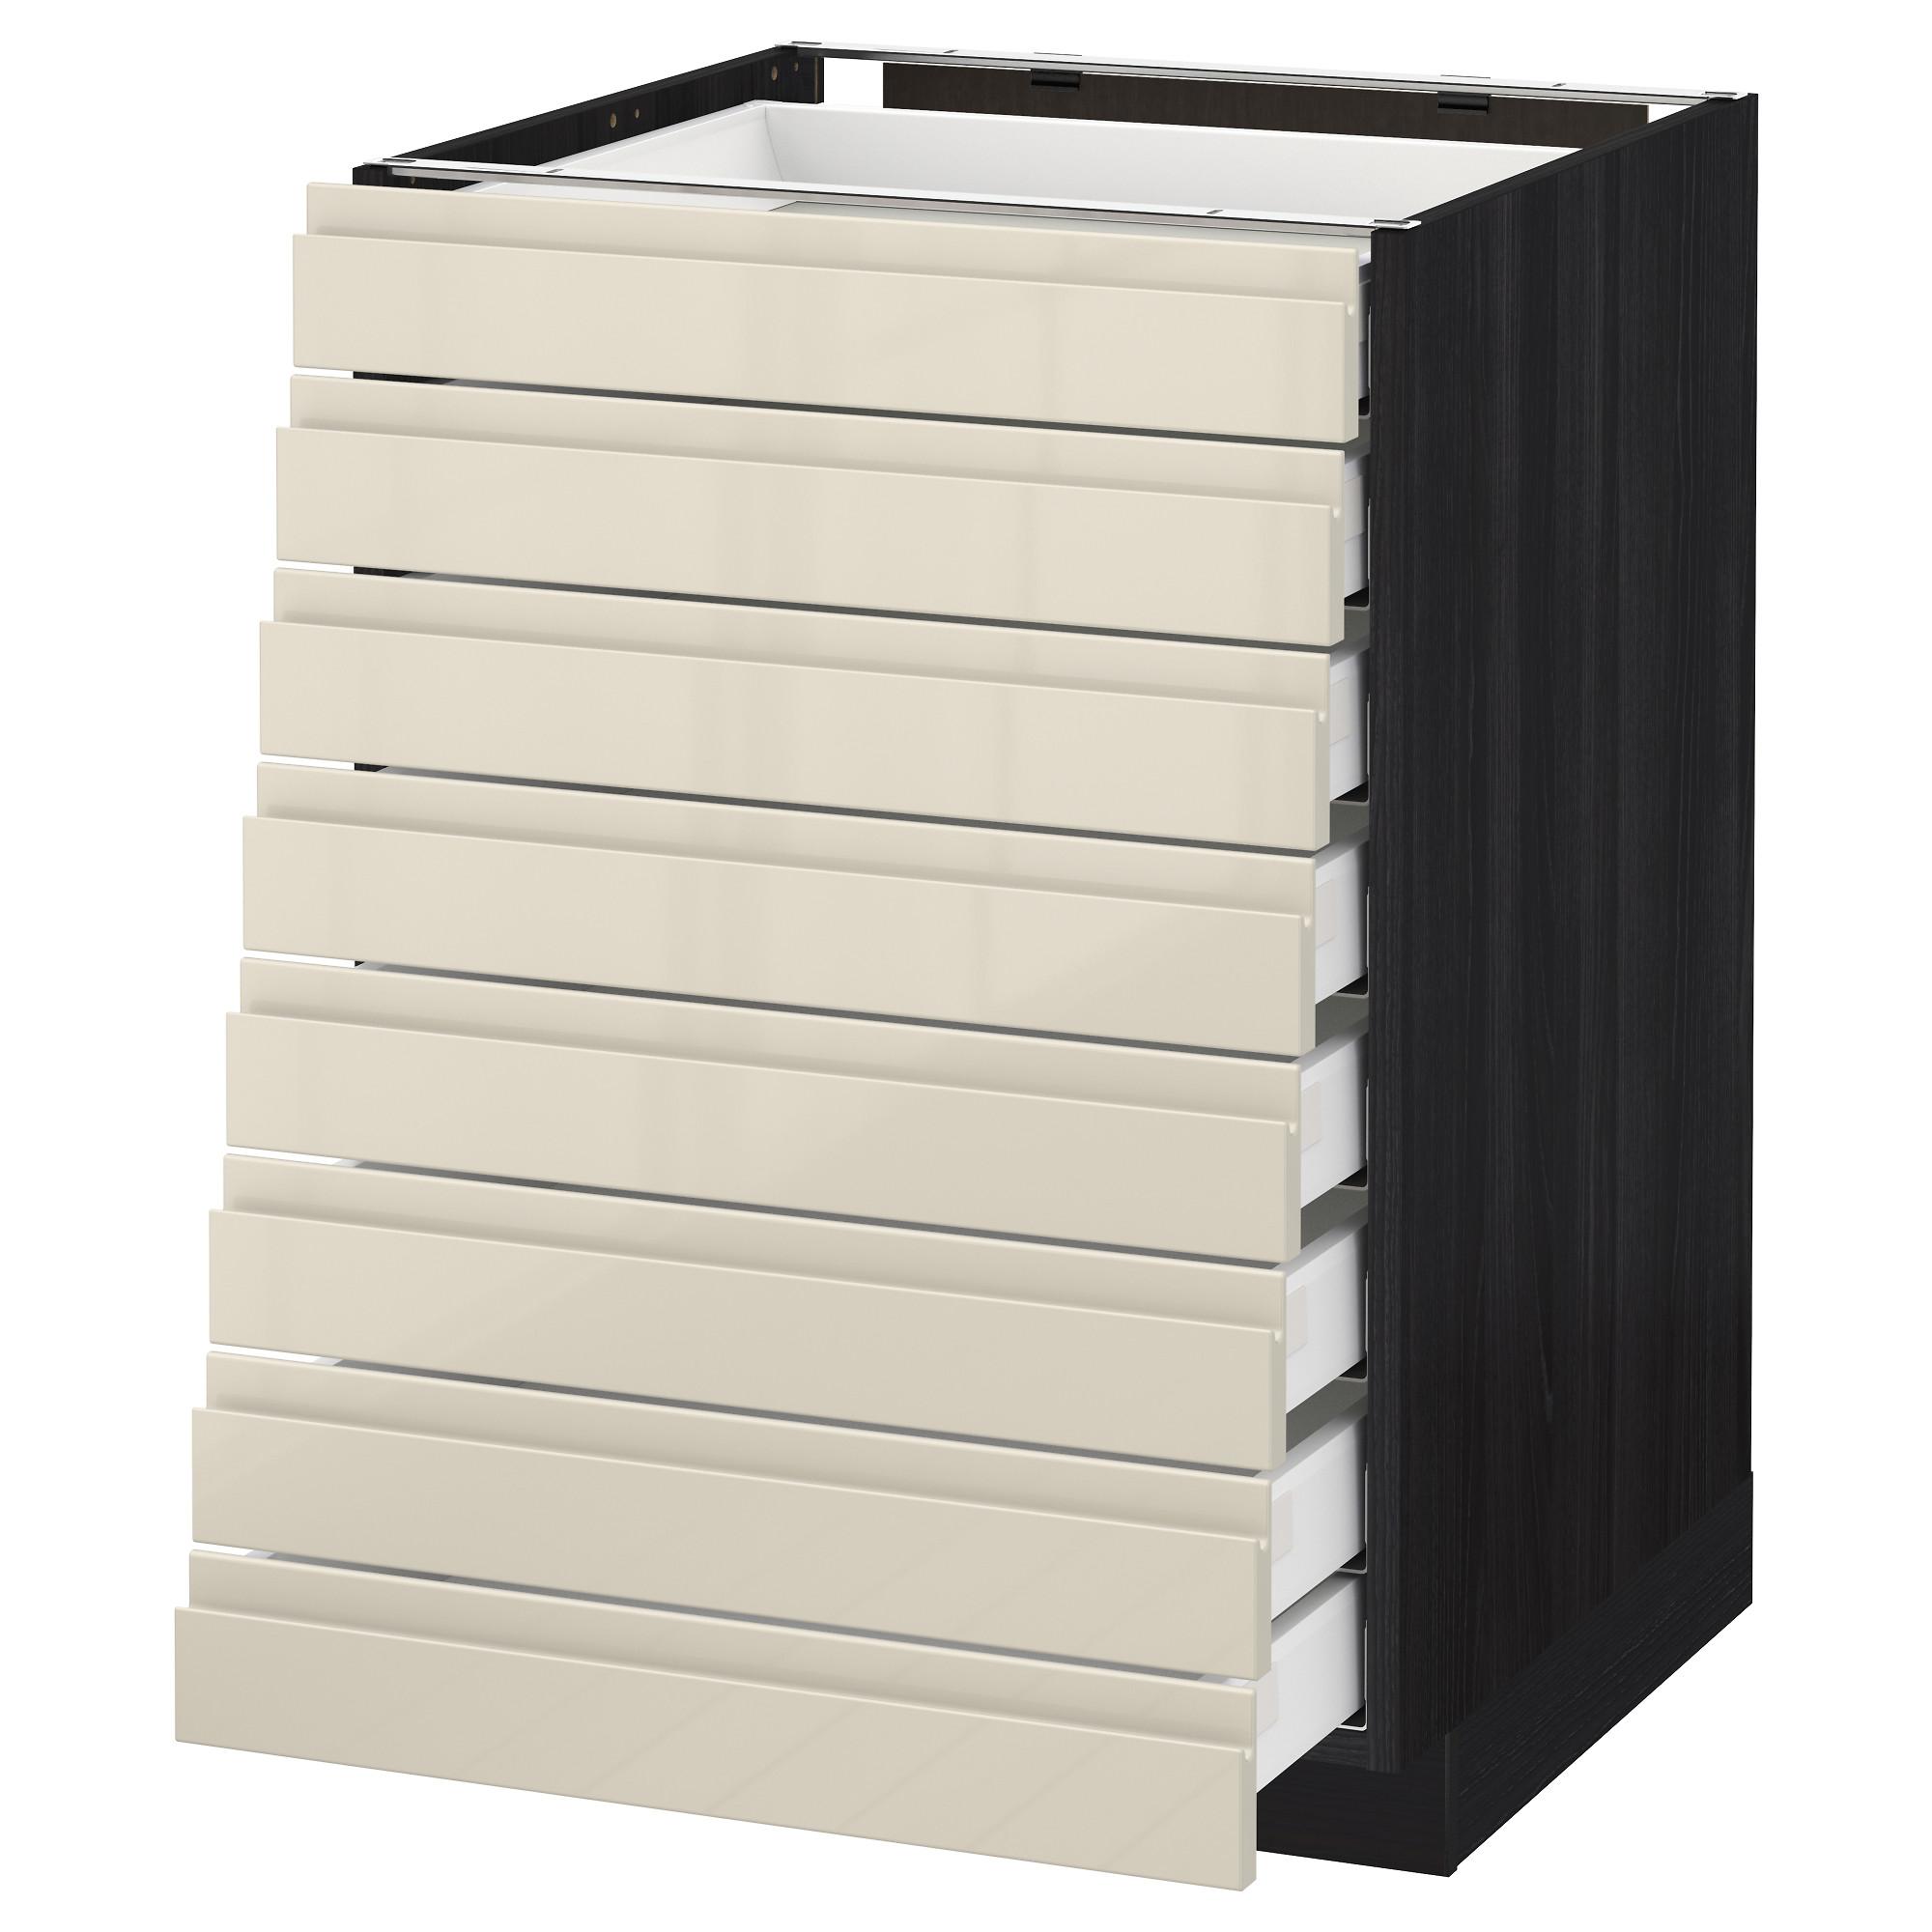 Напольный шкаф 8 фронтальных, 8 низких ящиков МЕТОД / МАКСИМЕРА черный артикуль № 492.373.79 в наличии. Online сайт IKEA РБ. Недорогая доставка и монтаж.